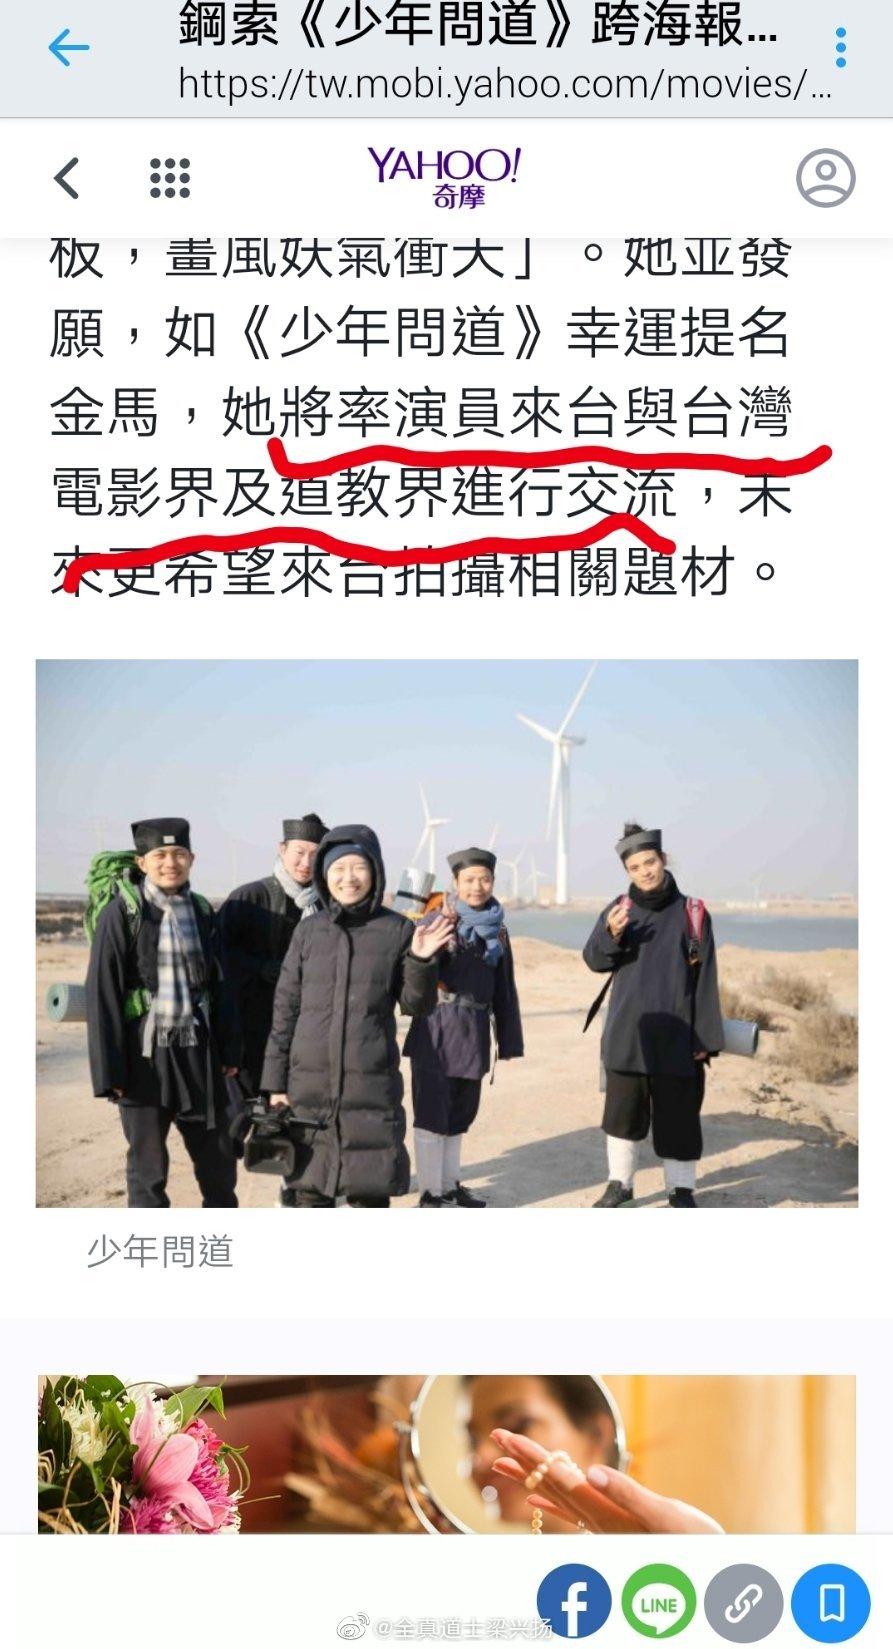 感谢台湾网友投稿。这个朱昱和张晓波有什么资格代表道教界交流